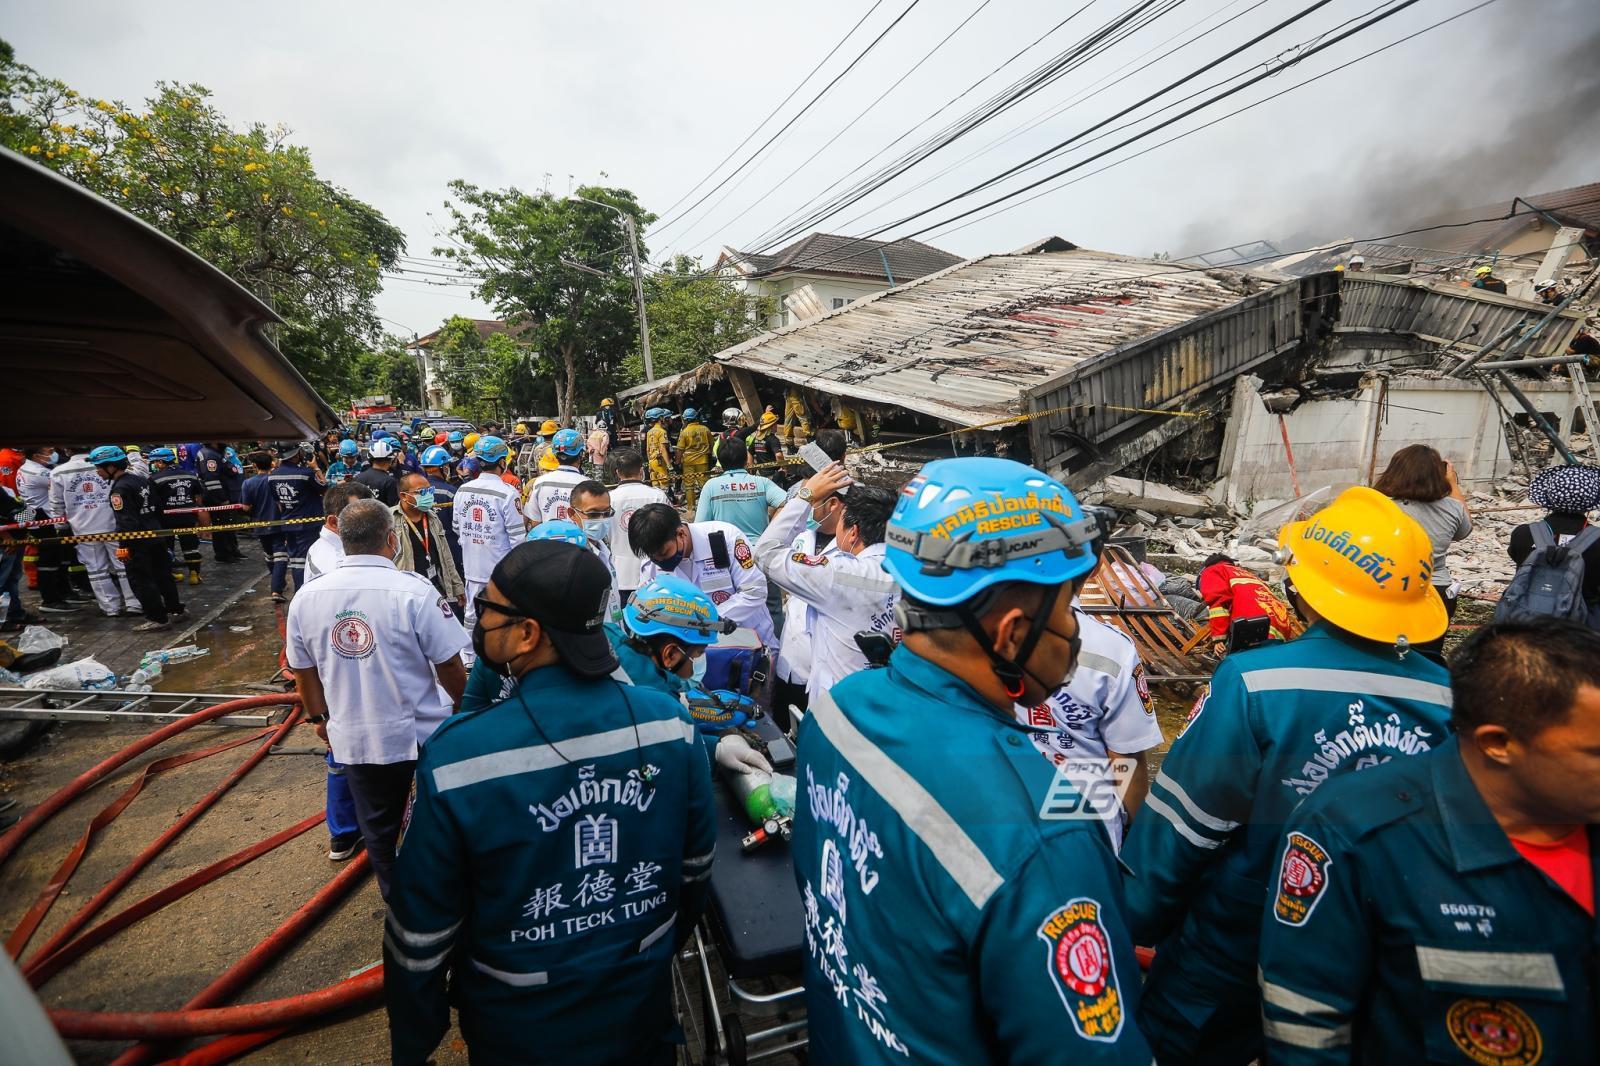 """""""ผู้ว่าฯอัศวิน"""" เผย ดับแล้ว  5 เหตุไฟไหม้บ้านพังถล่มทับกู้ภัย เร่งกู้ร่างใต้ซากอาคาร"""